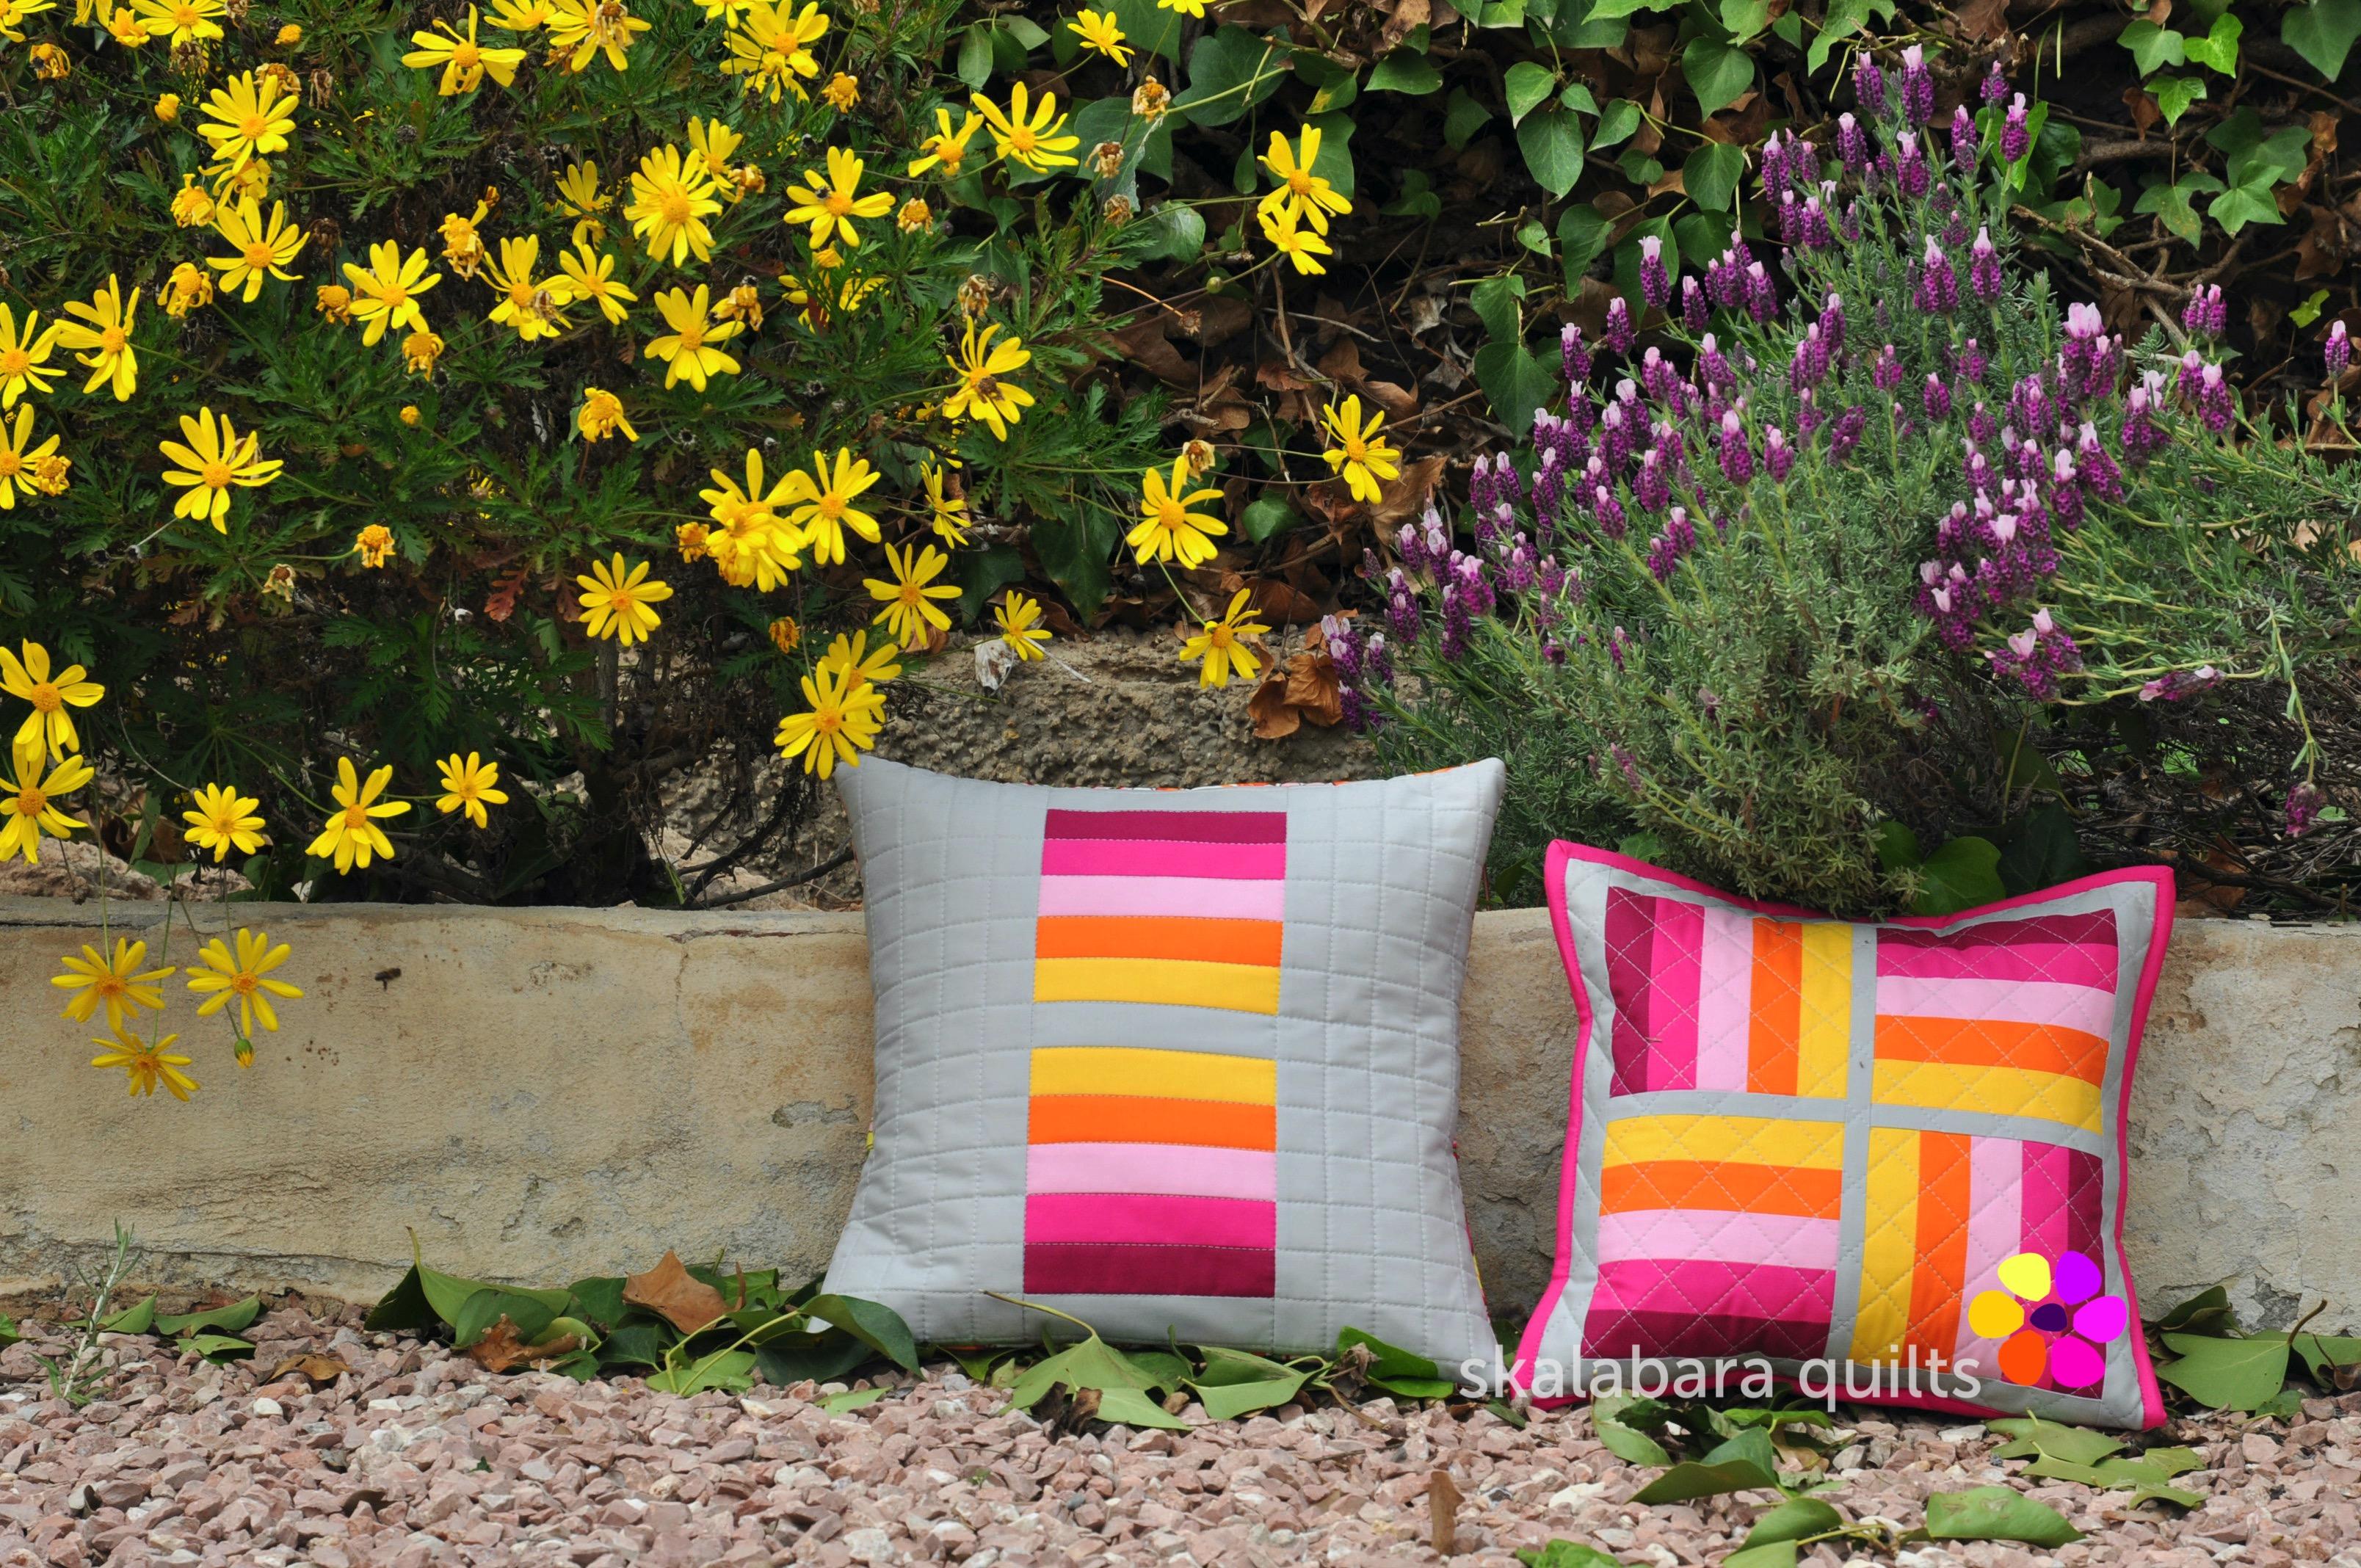 april pinkie cushions 1 - skalabara quilts